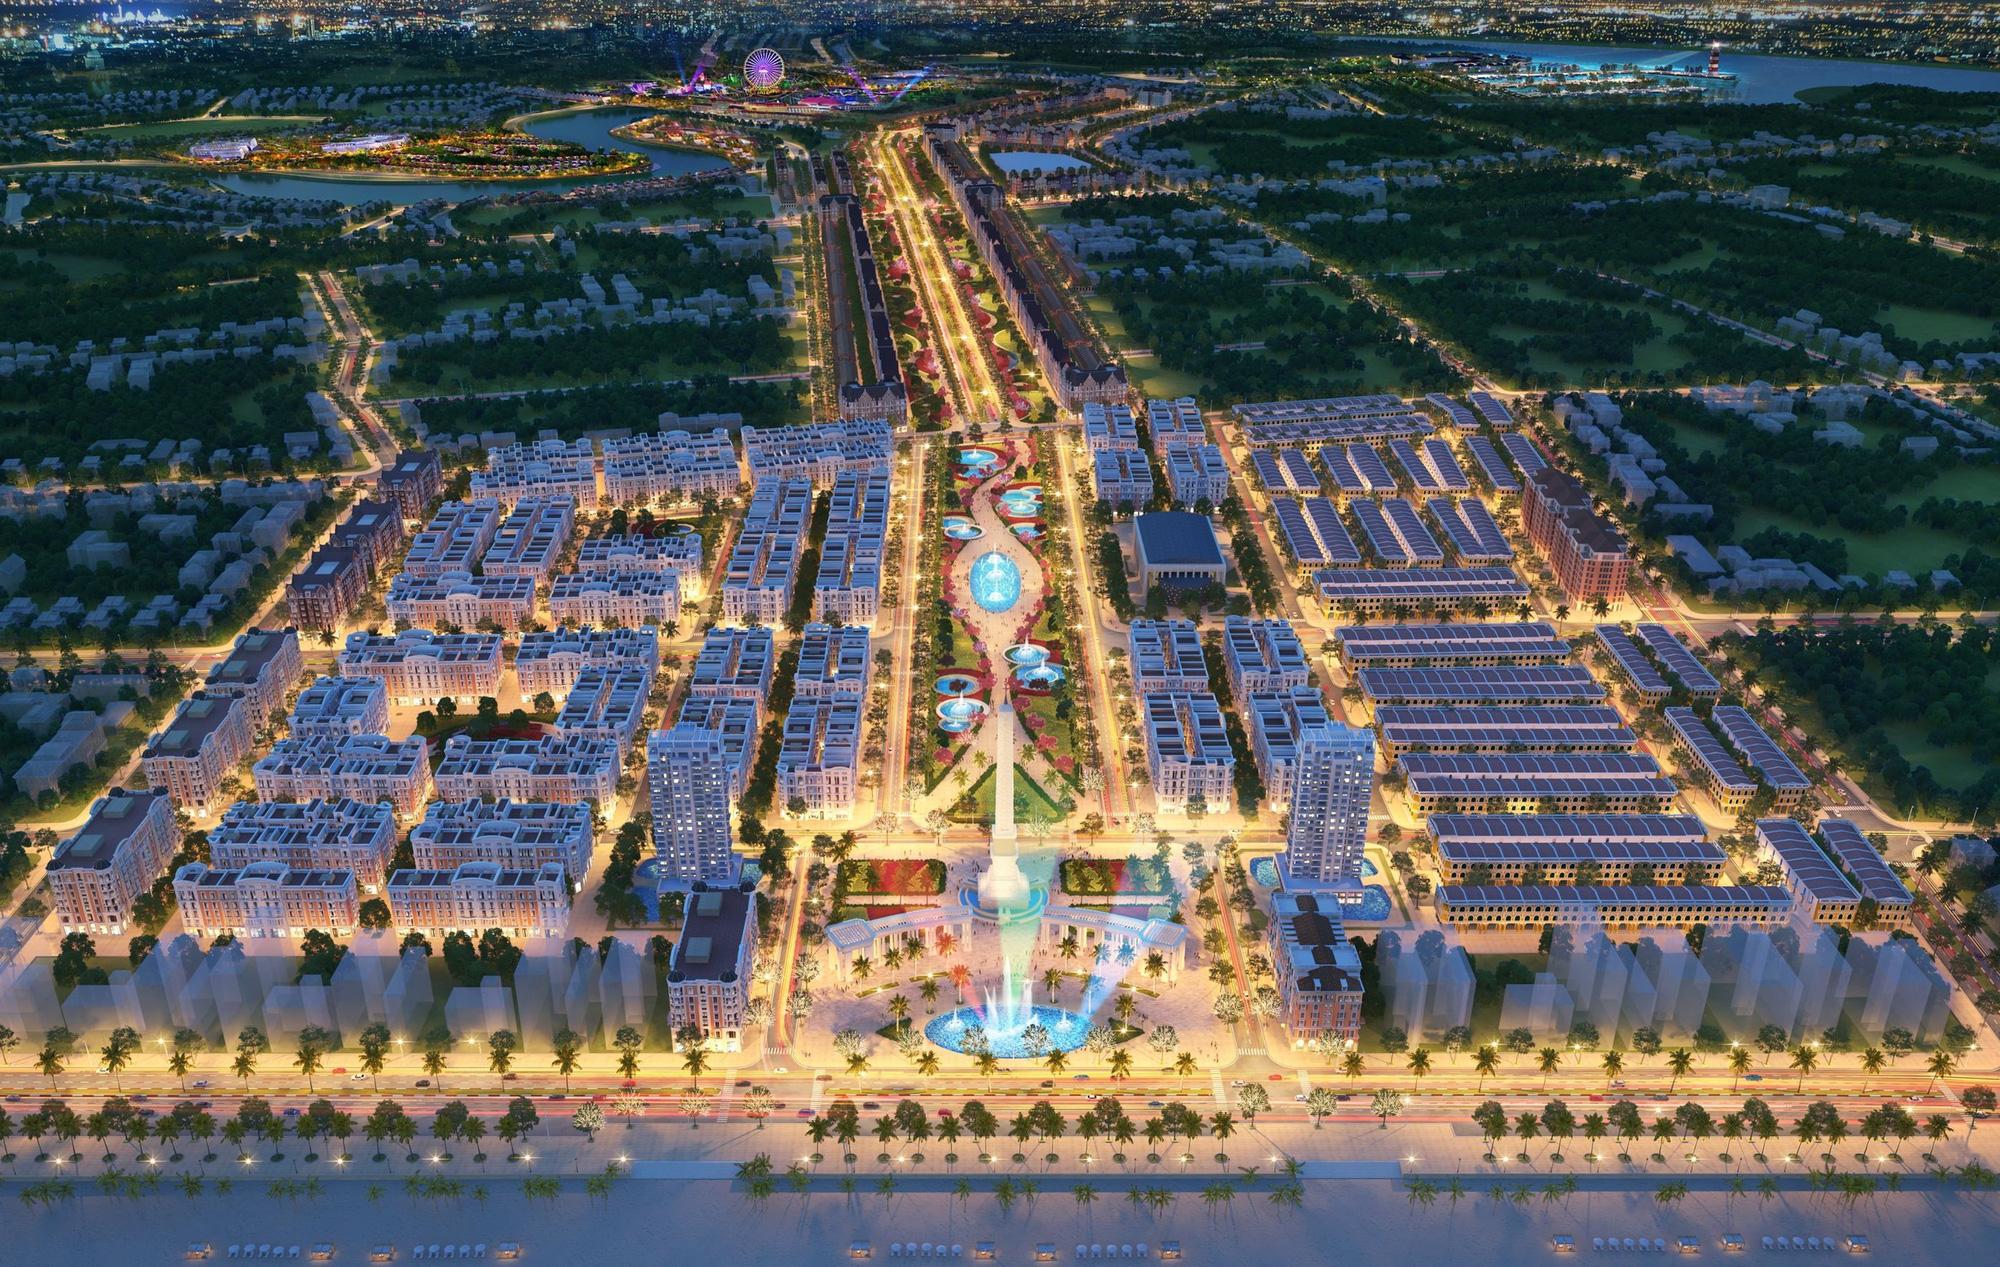 Sun Grand Boulevard Sầm Sơn - Đại lộ đi đến tương lai 1200704337